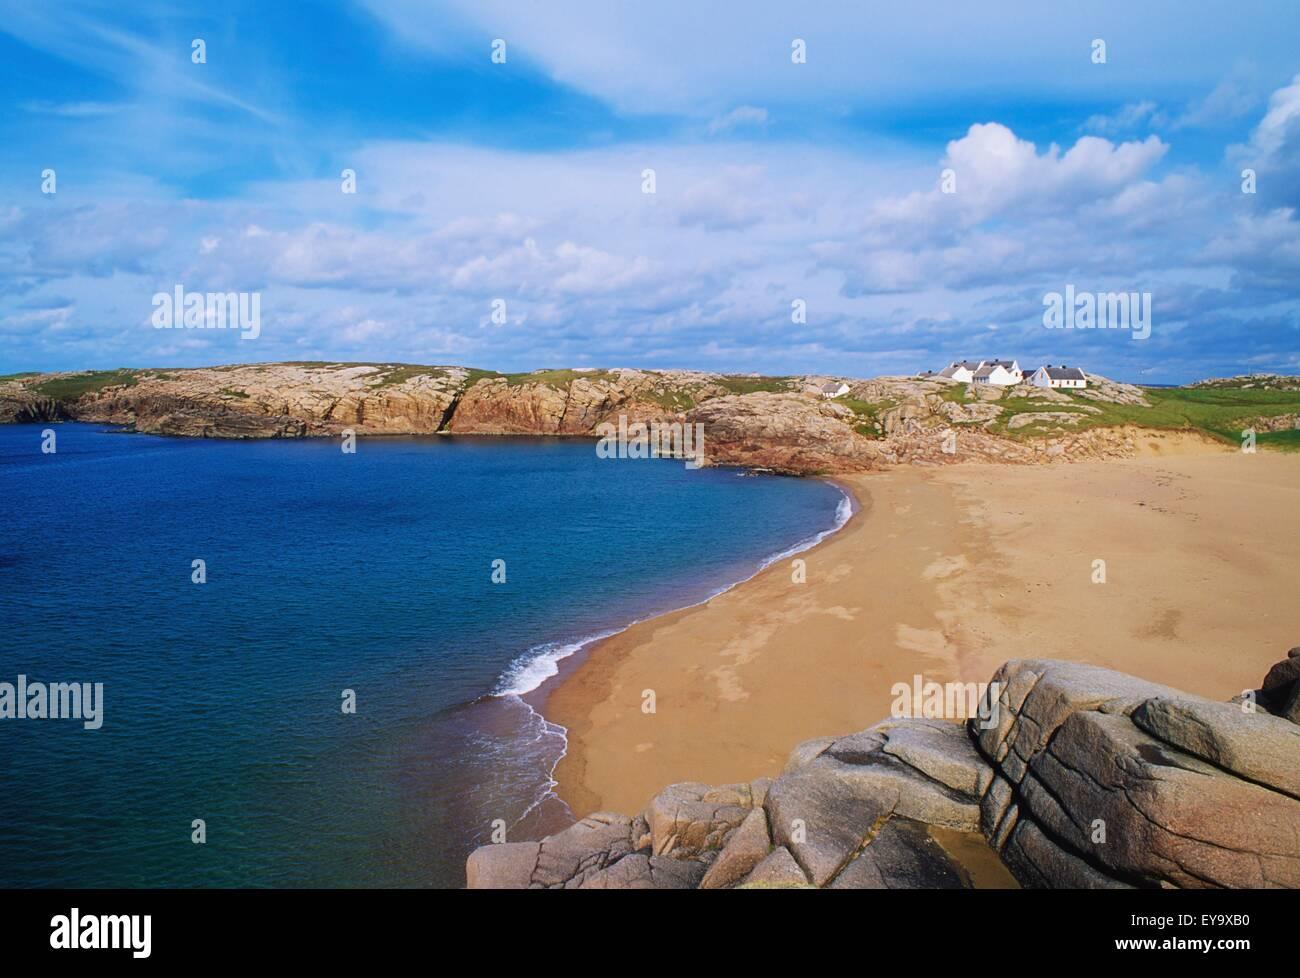 Cruit Island Stock Photos Amp Cruit Island Stock Images Alamy